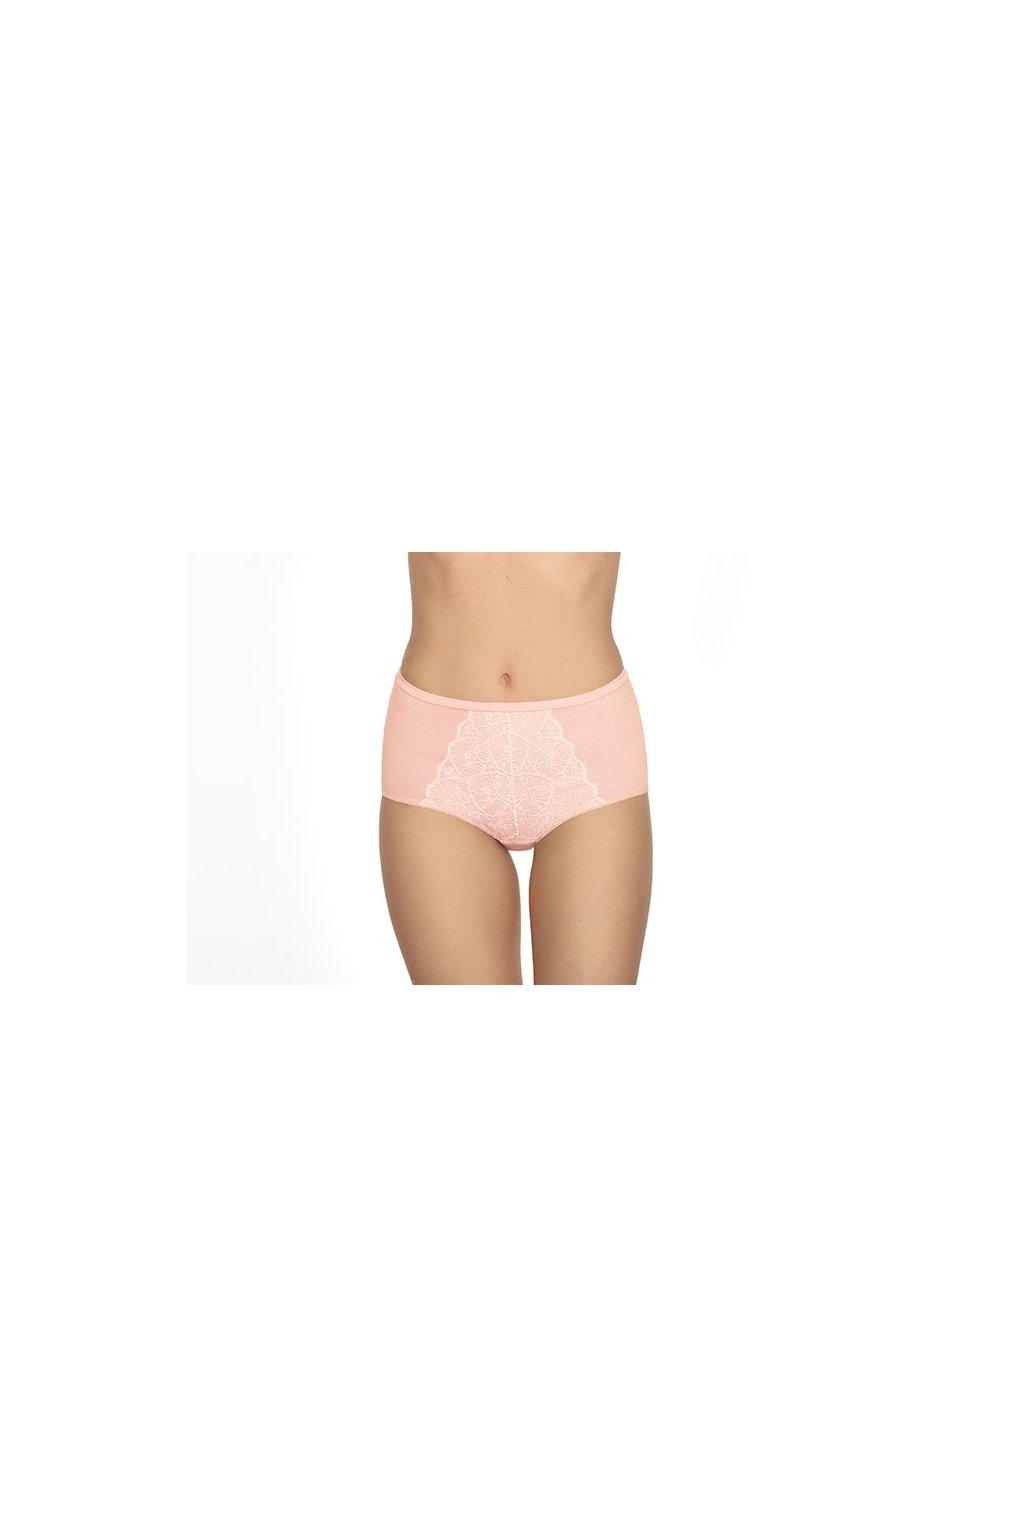 Dámské kalhotky, 100169 9, růžová